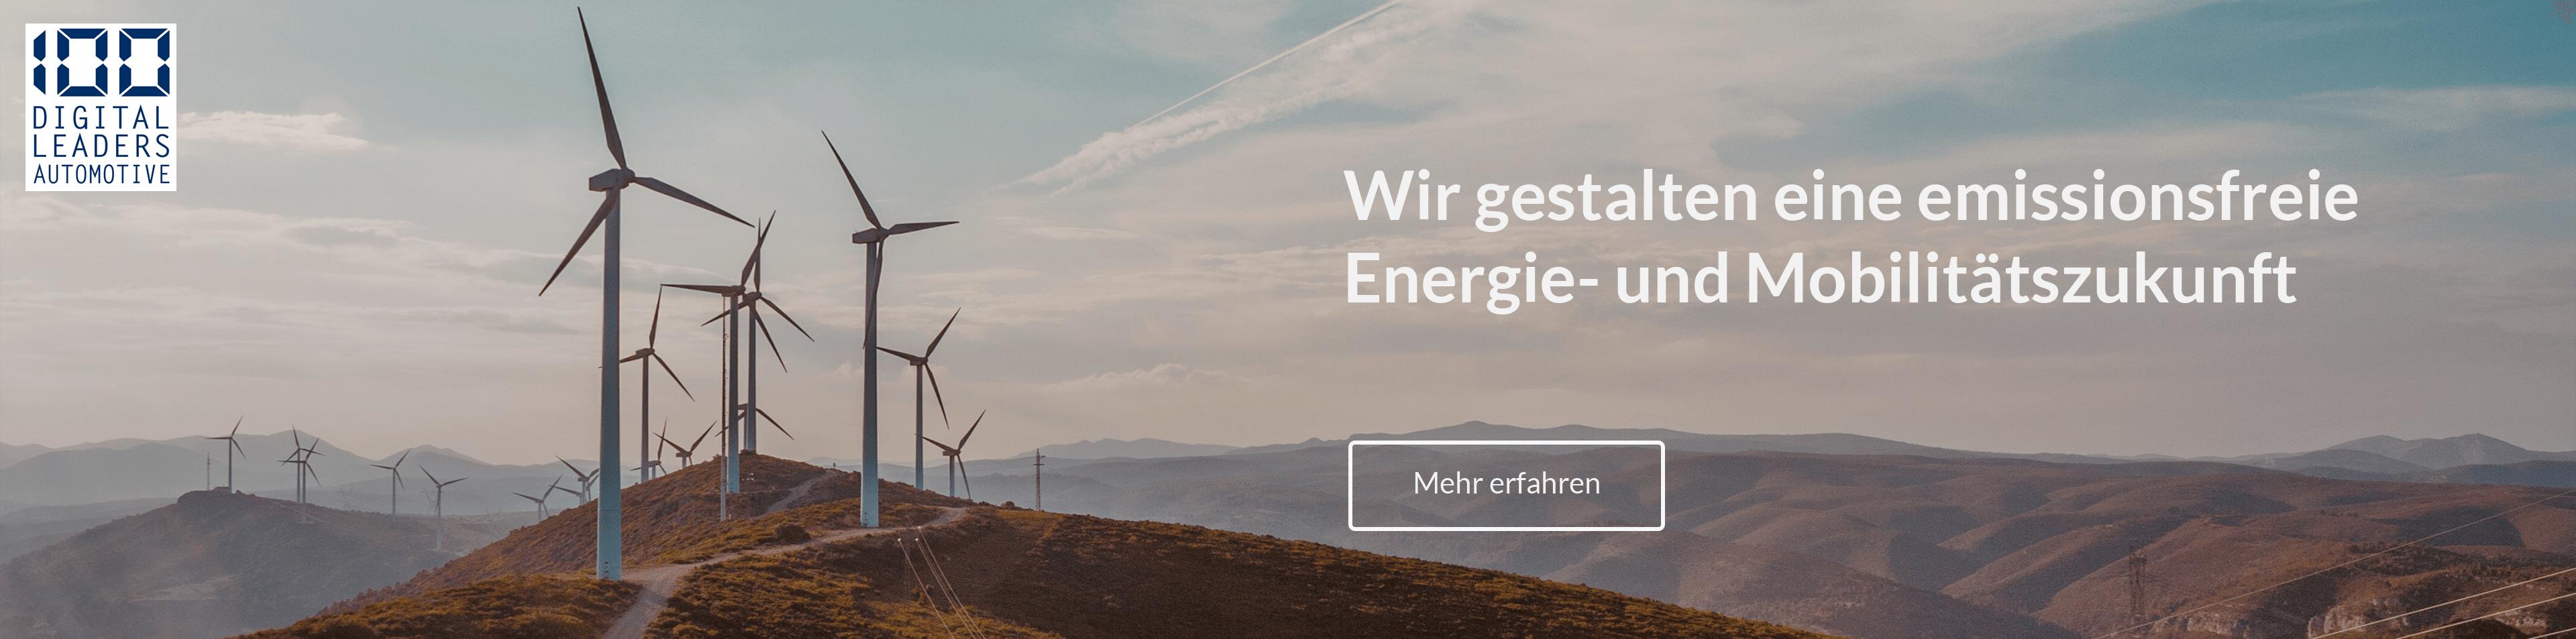 Wir gestalten eine emissionsfreie Energie- und Mobilitätszukunft